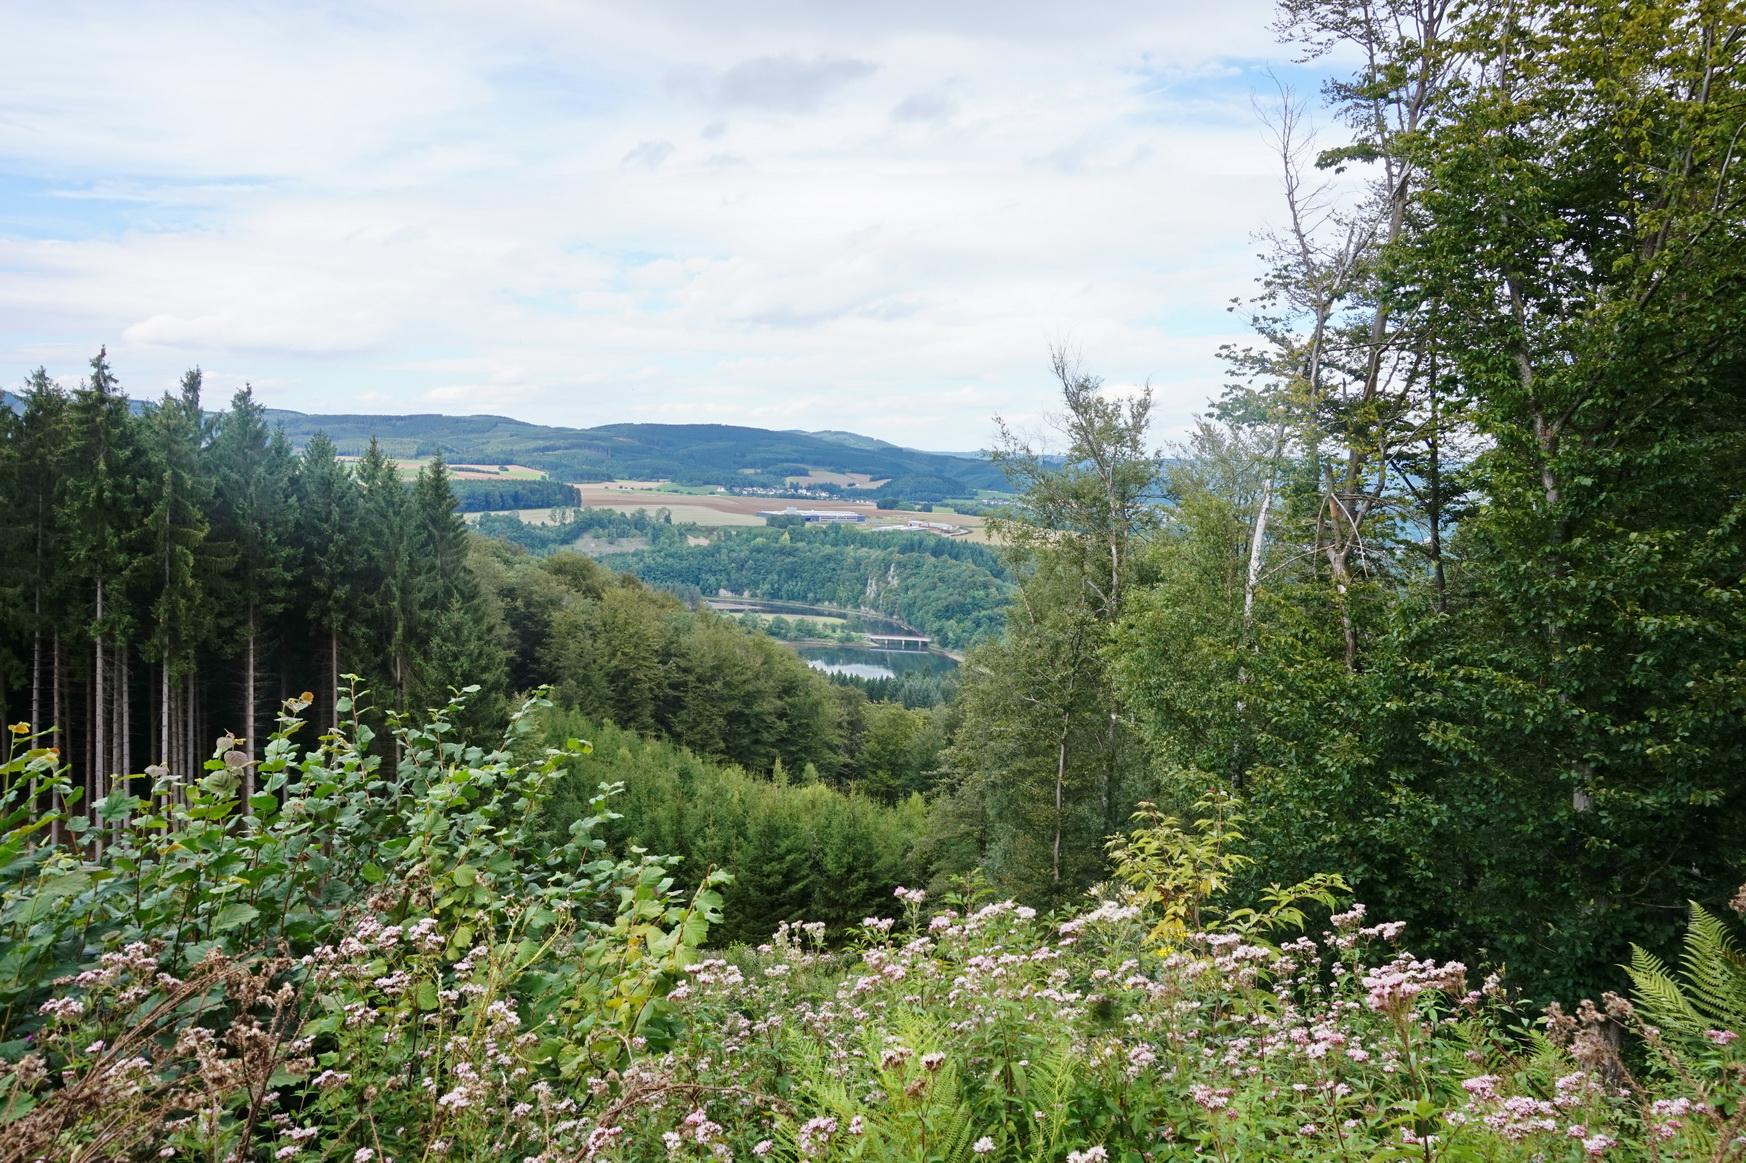 Burg Schnellenberg Attendorn Wandern 23